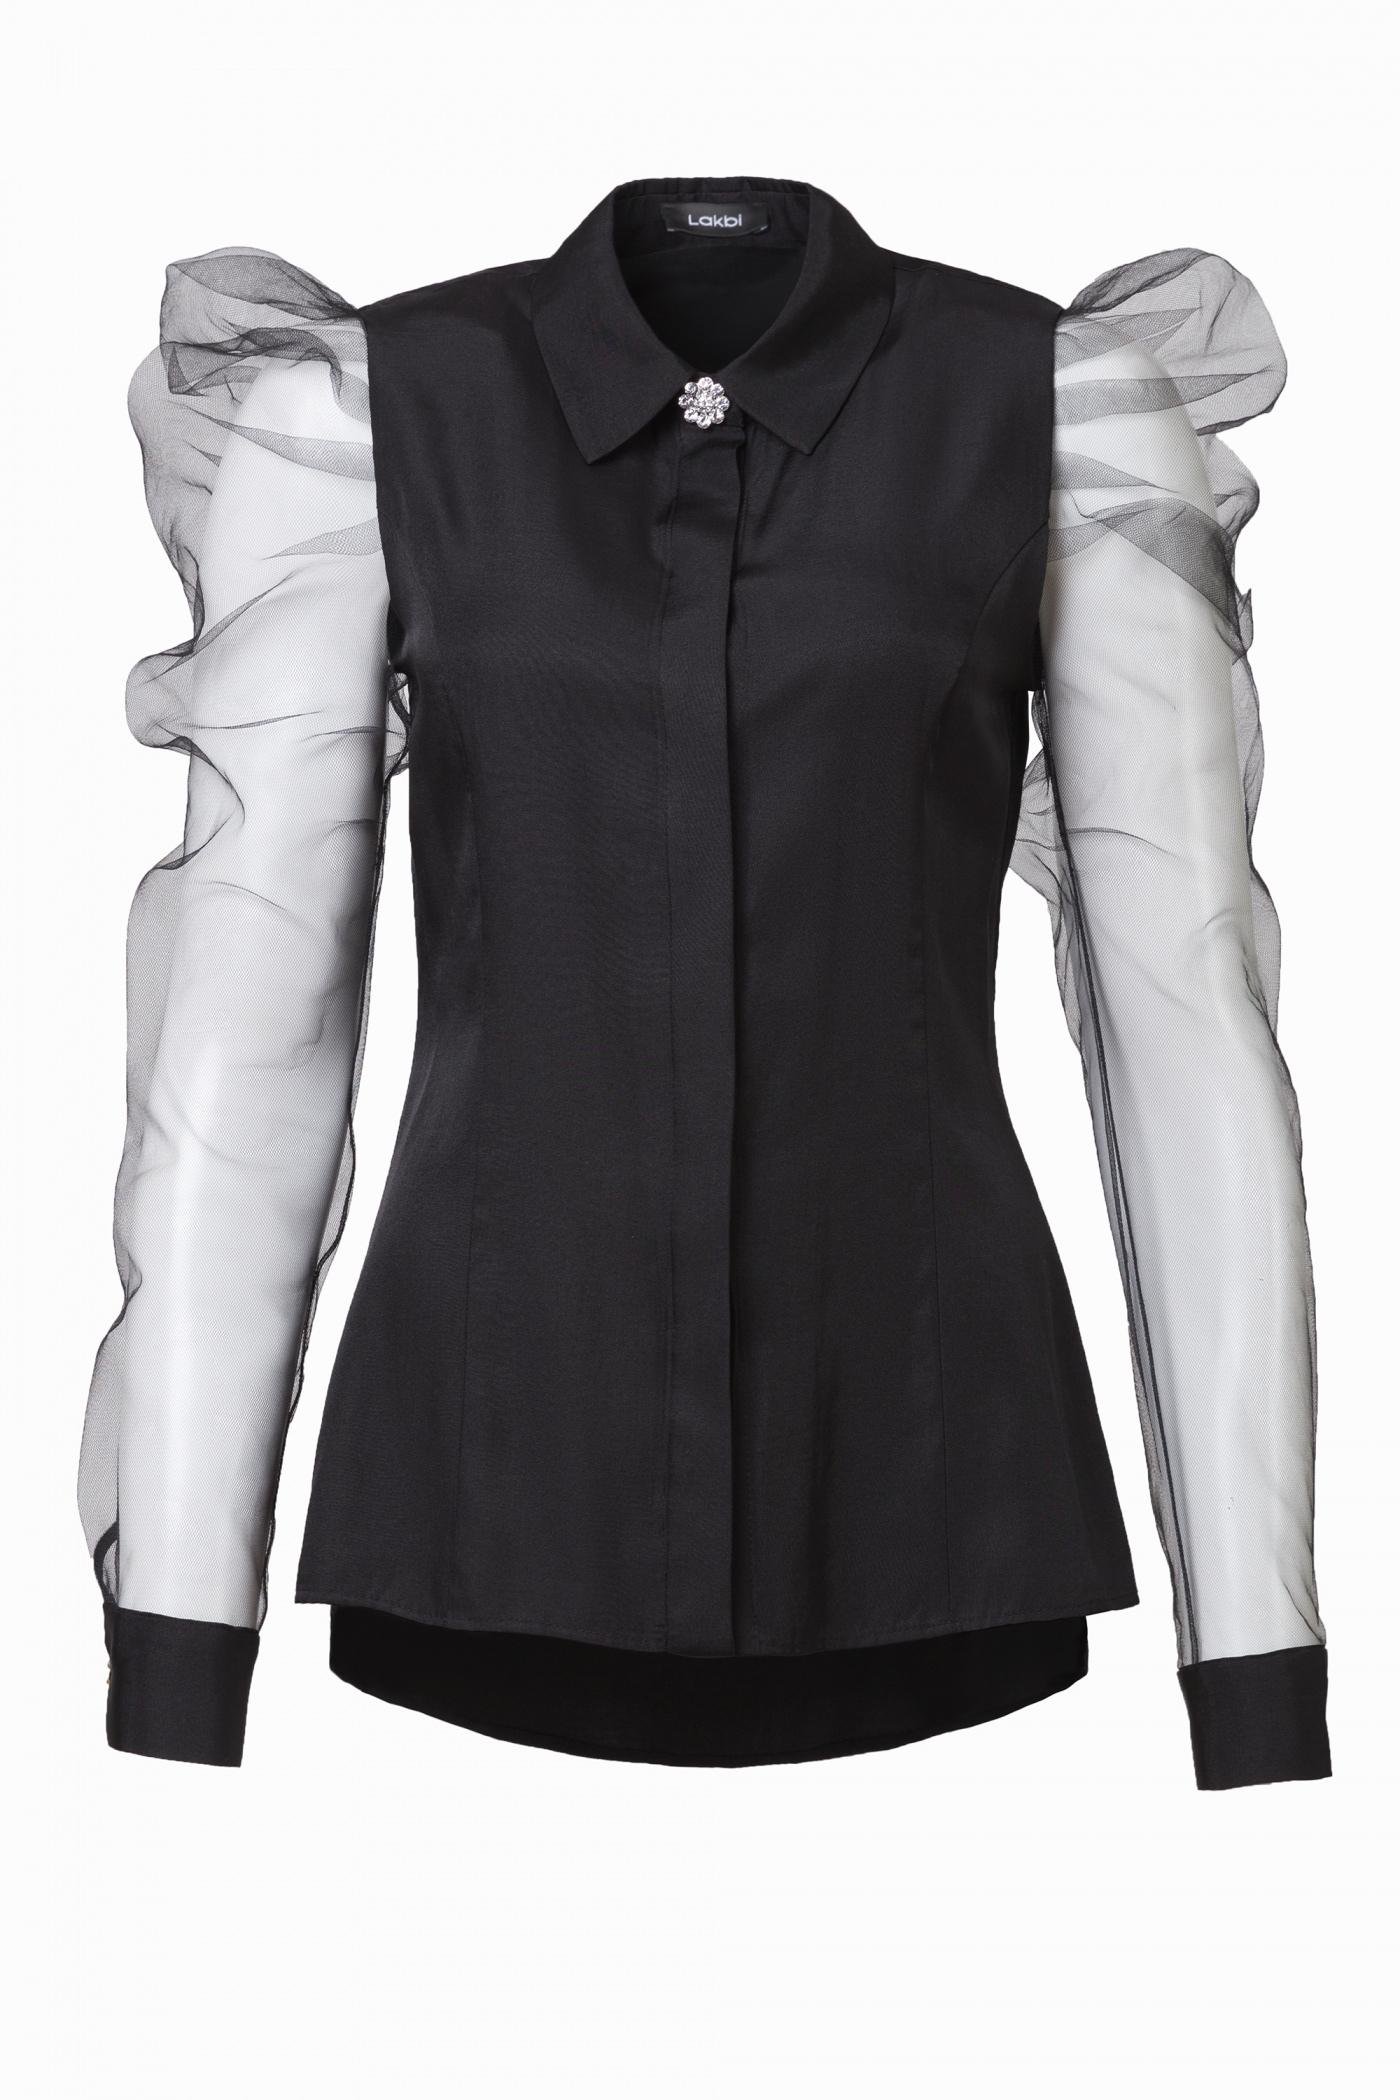 Блузка Лакби  51400 черная в наличии в Санкт-Петербурге